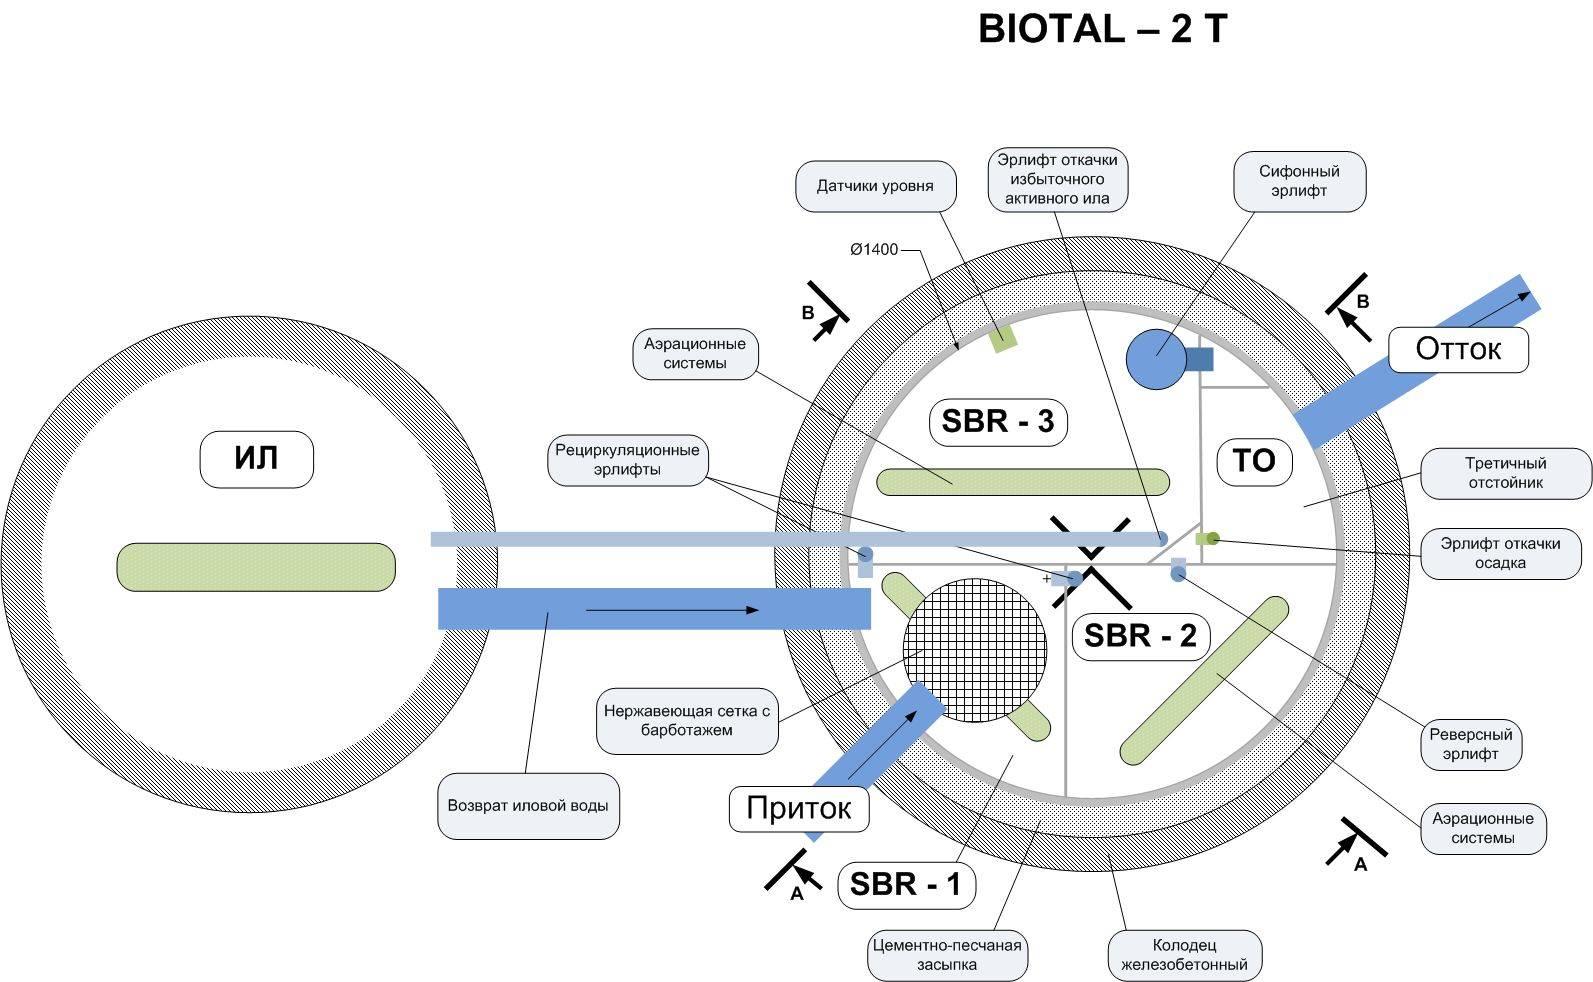 Блок автоматики | автоматический блок | автономное управление в системе biotal